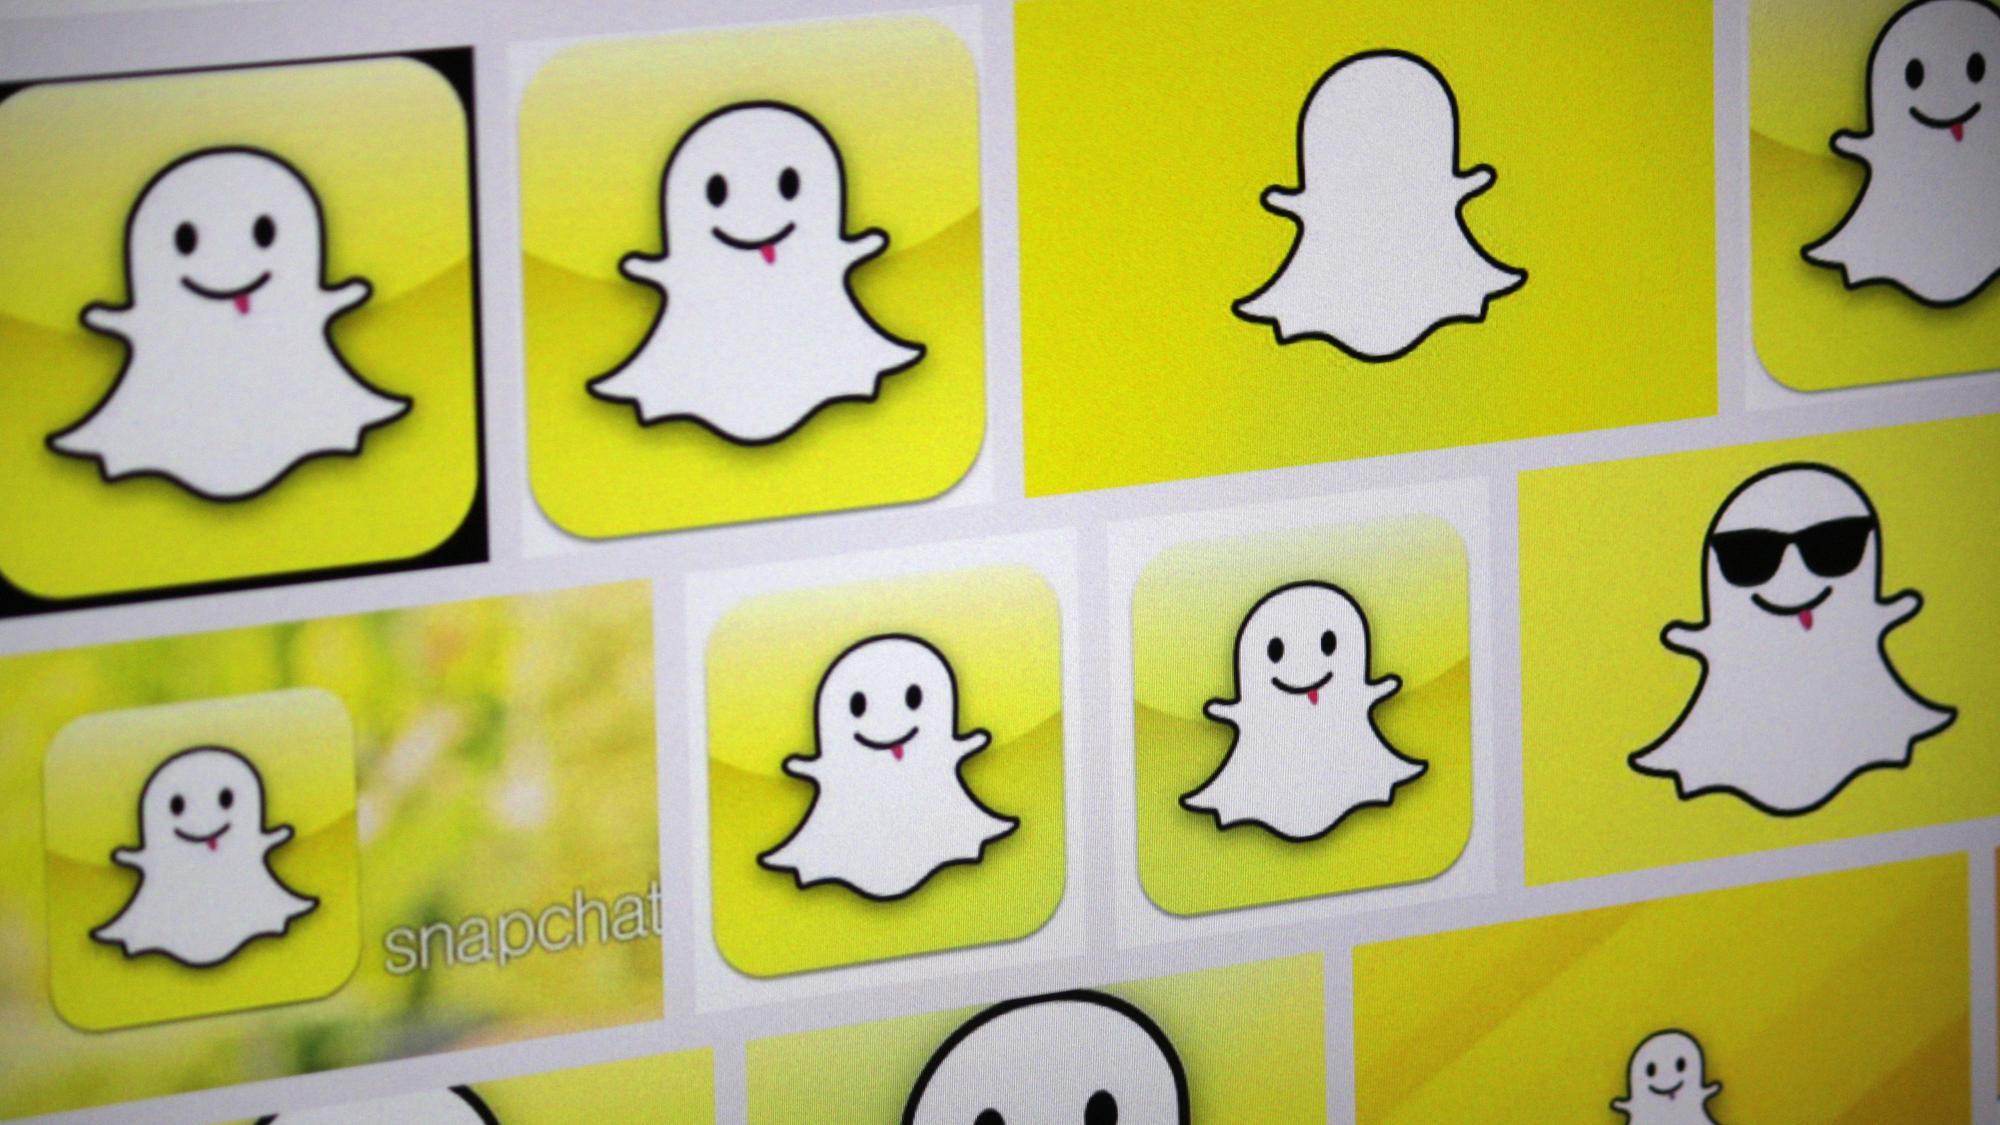 Snapchat brukernavn norge